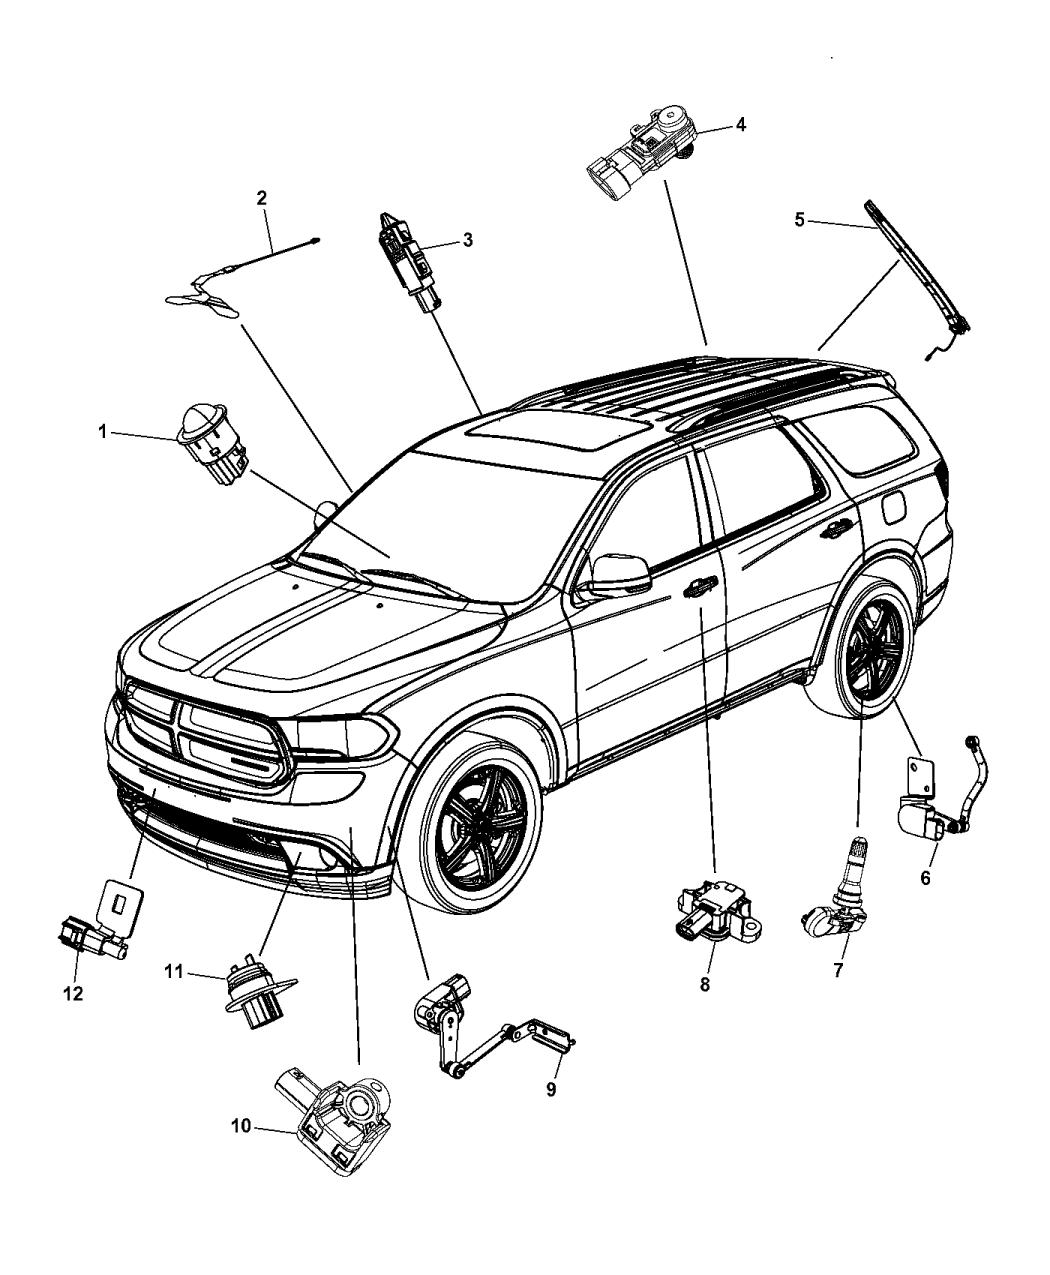 2001 Dodge Durango Parts Diagram